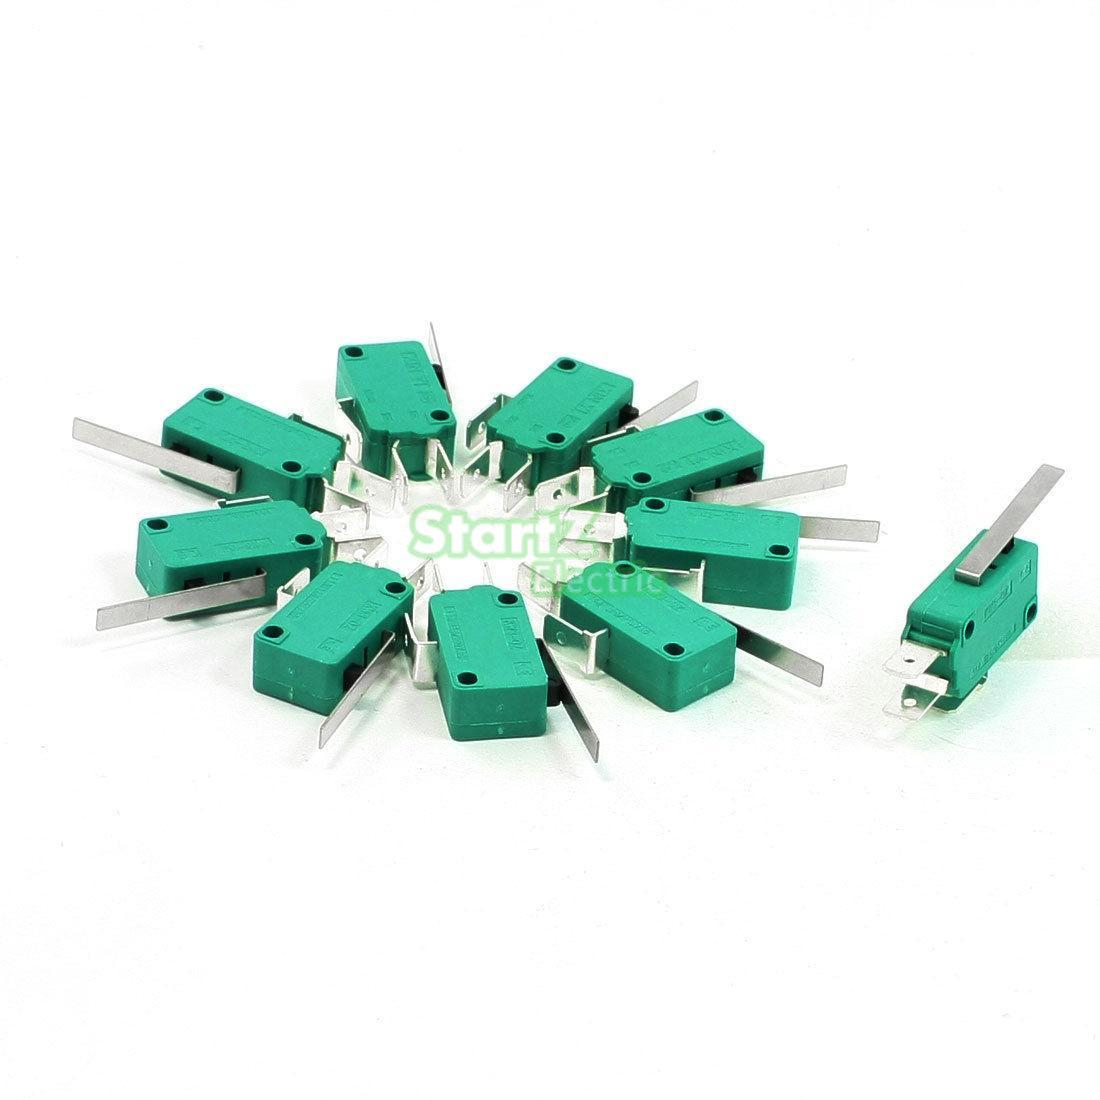 10 шт. microswitch концевой выключатель 3pin n/o n/c Длинный рычаг микропереключатель зеленый kw4-3z